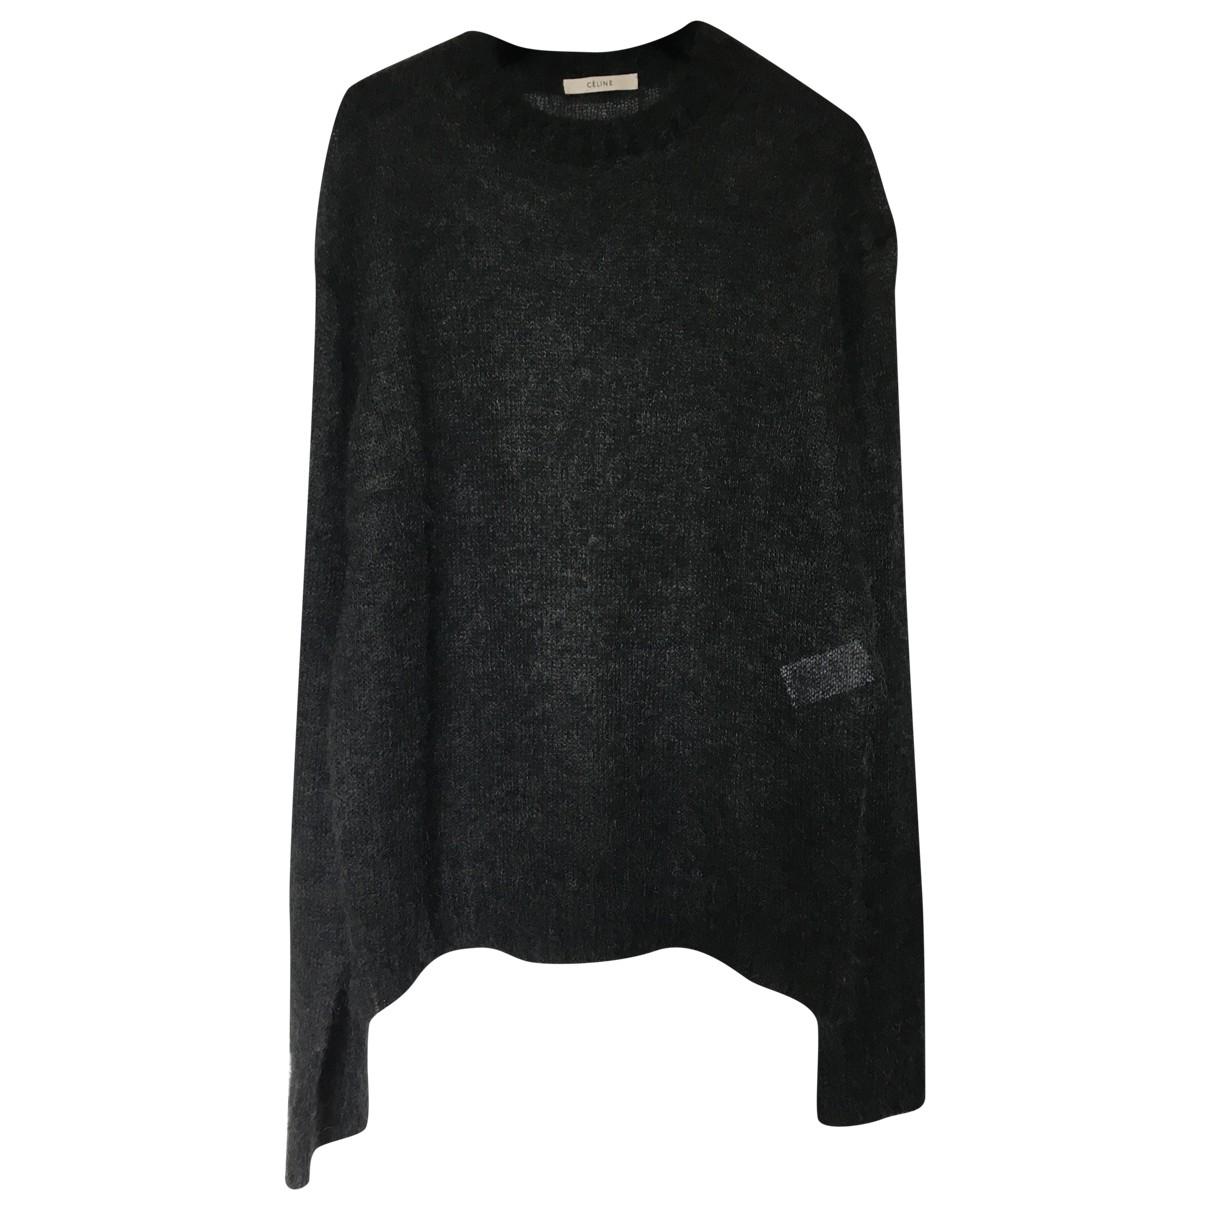 Celine \N Anthracite Wool Knitwear for Women M International